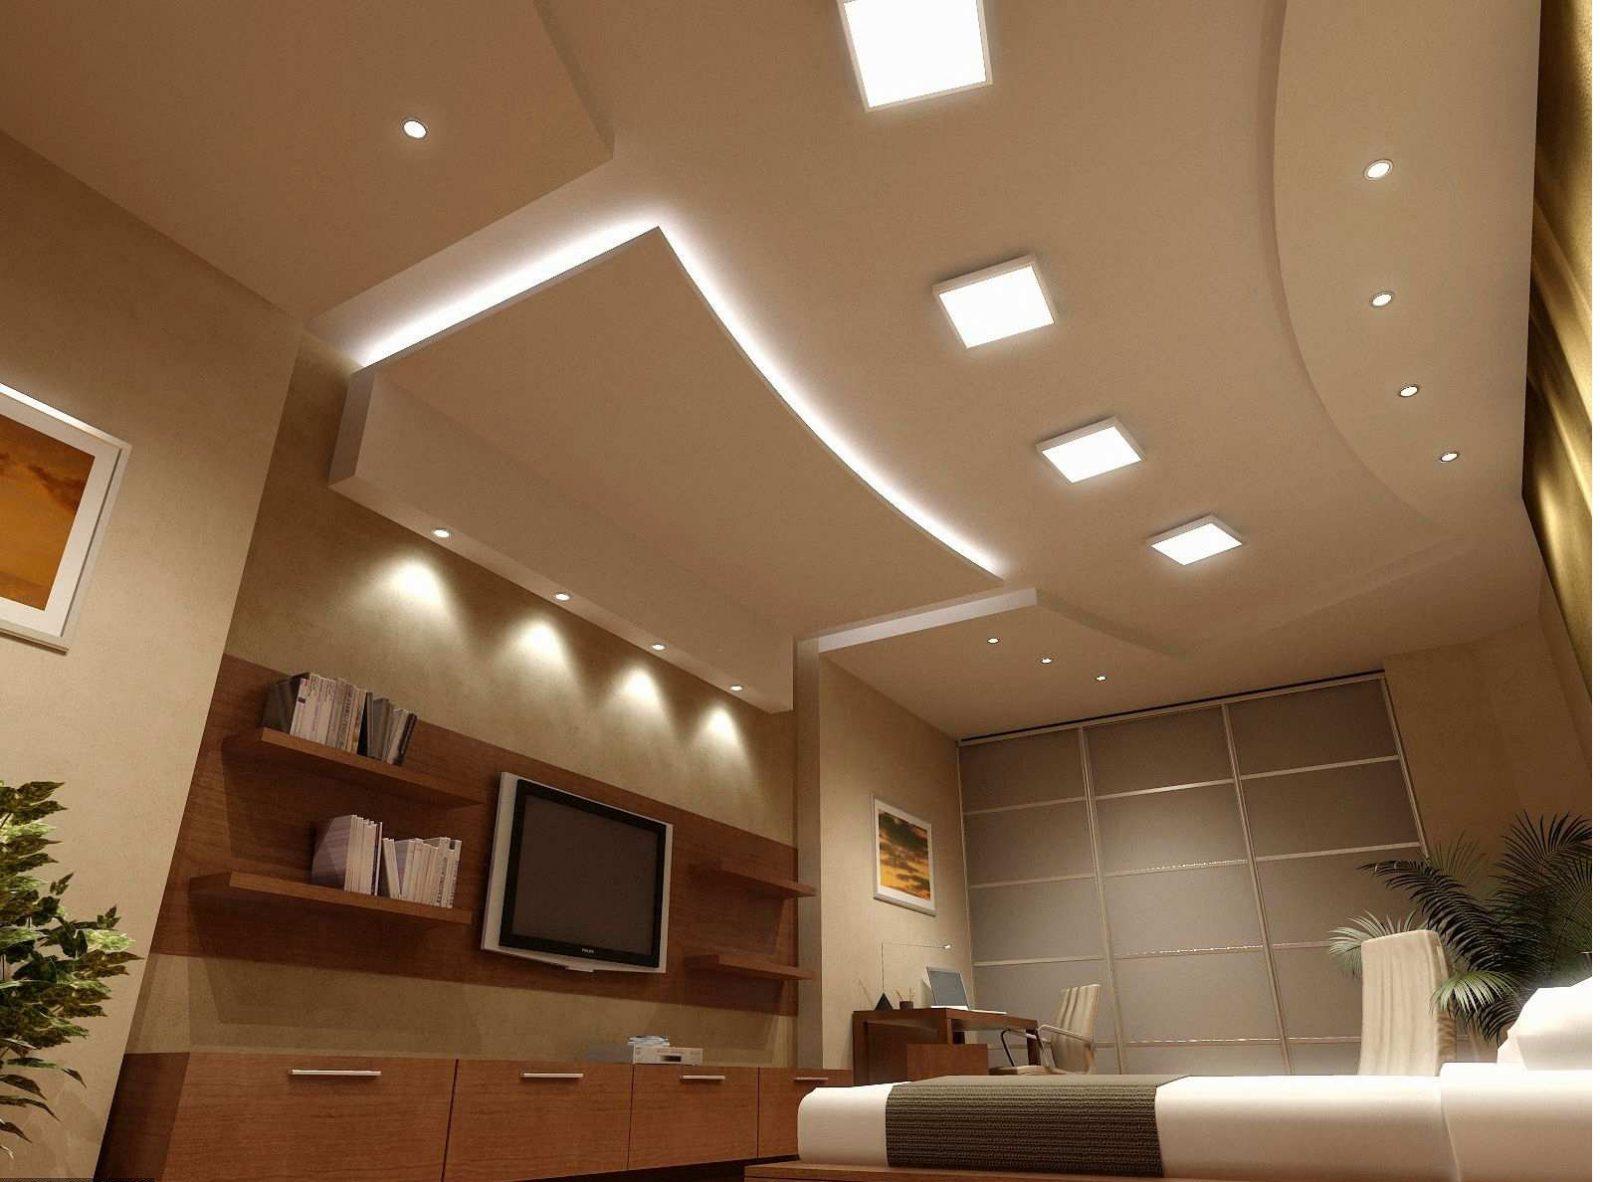 подвесные потолки из гипсокартона работы потолков